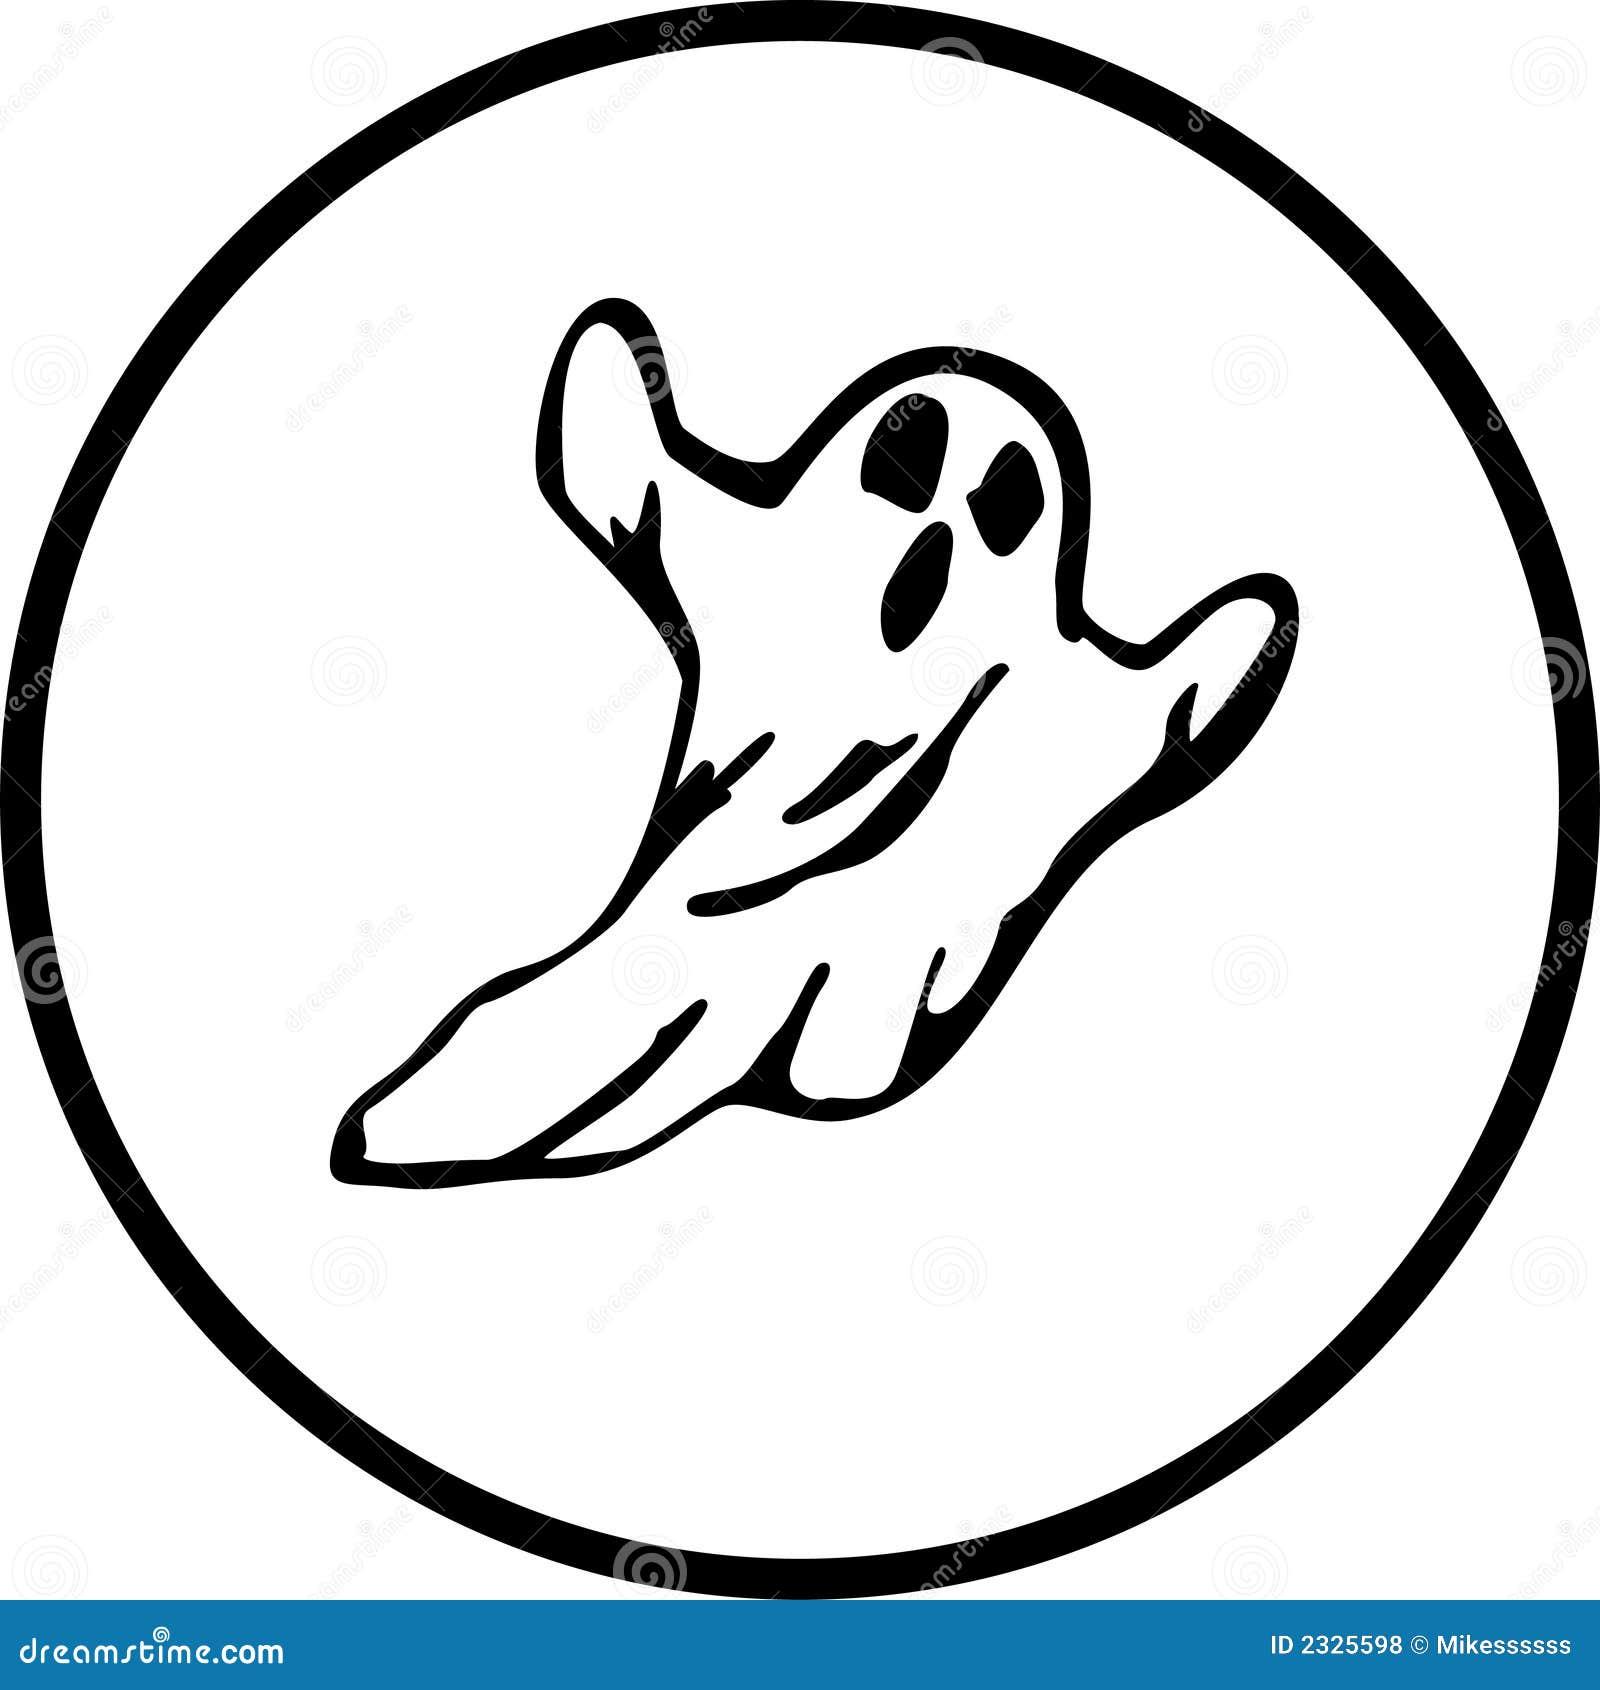 pacman ghost eyes